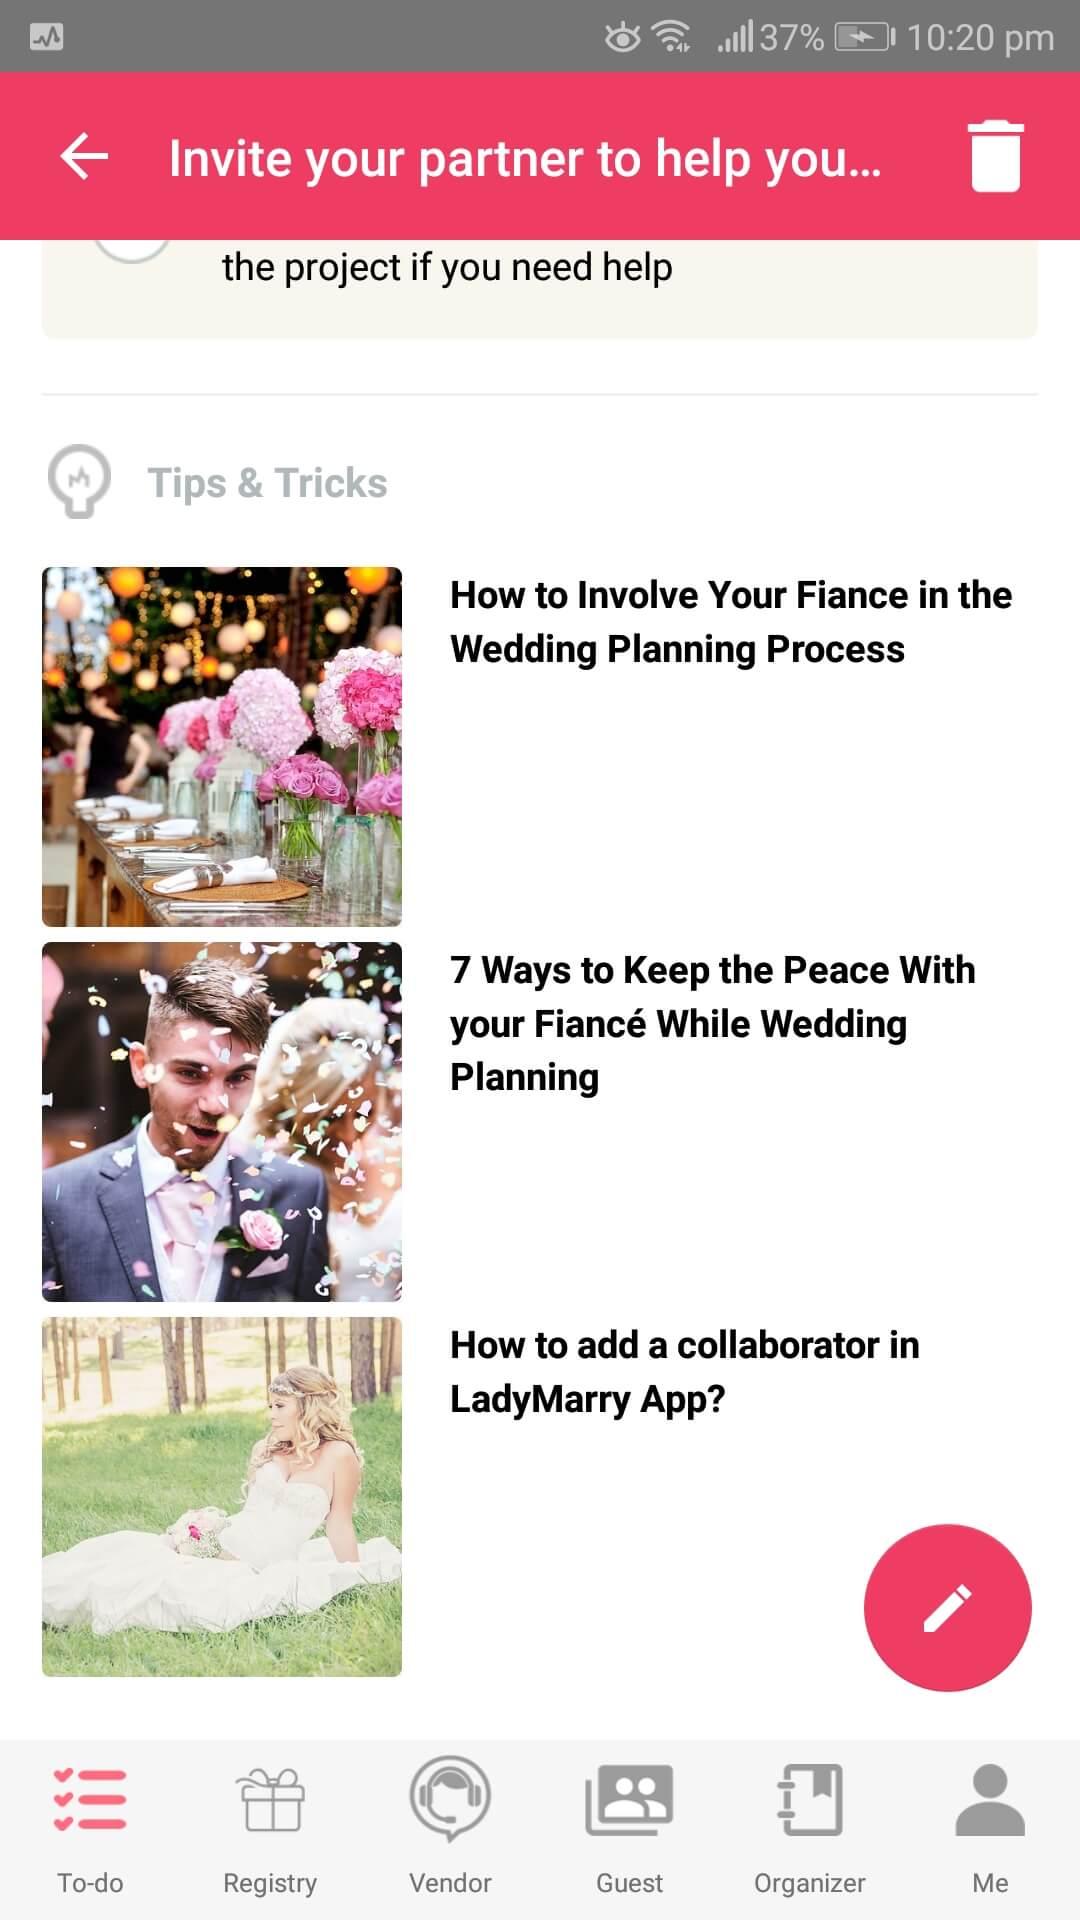 LadyMarry Wedding Planner Wedding Checklist, LadyMarry Wedding App